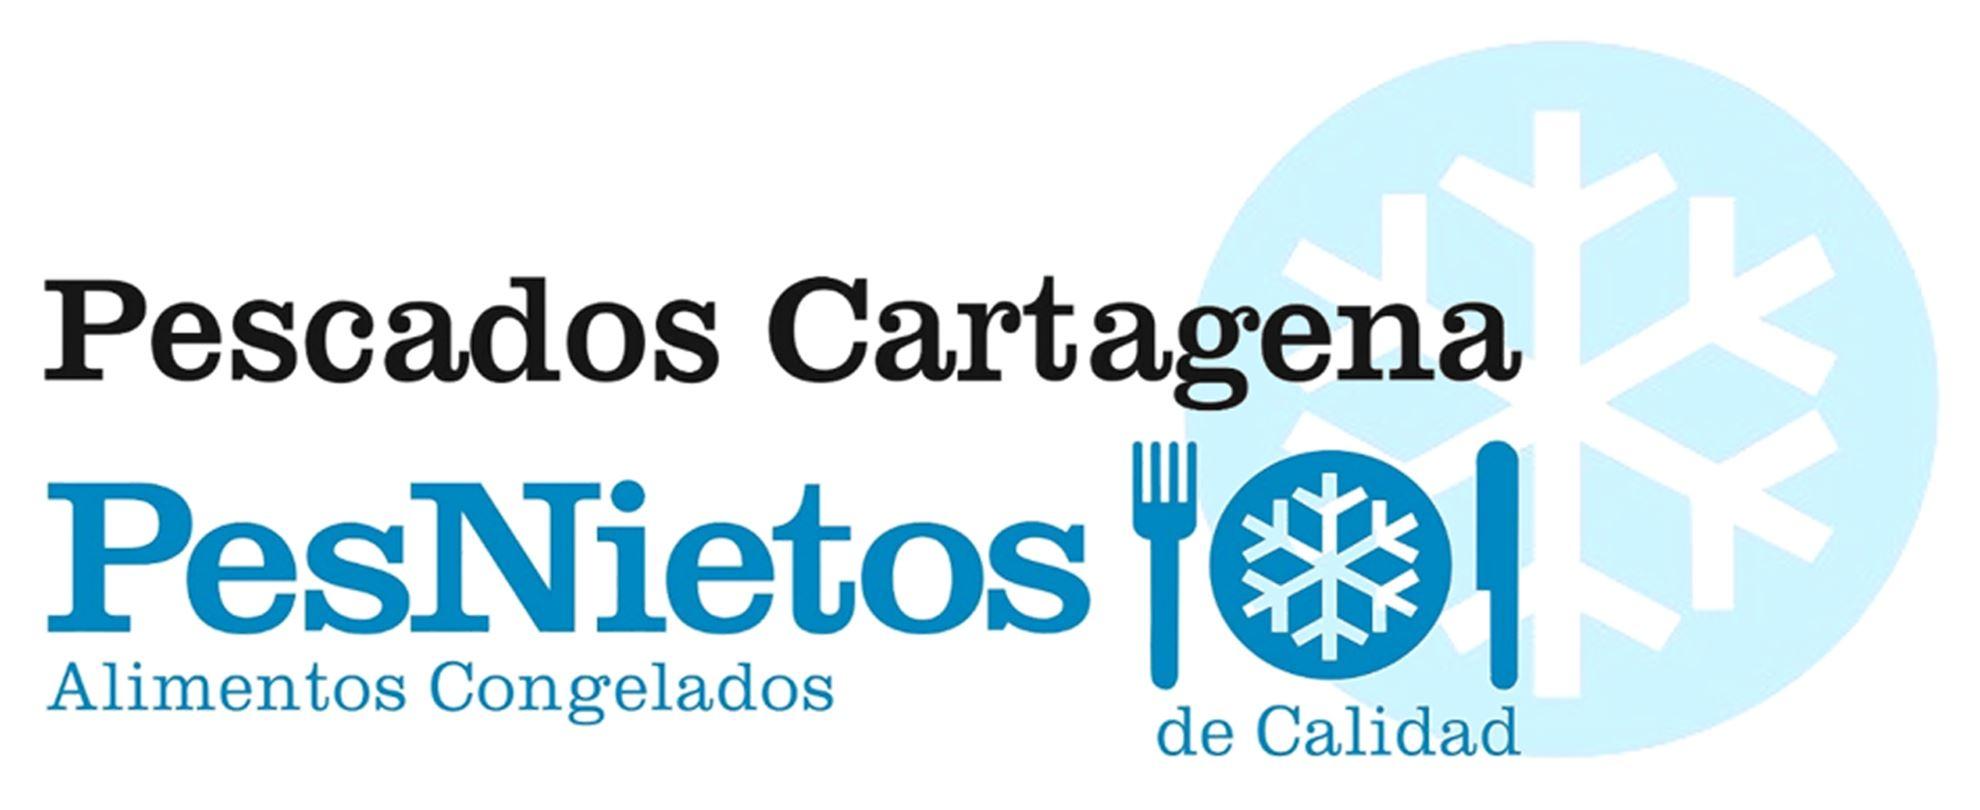 Pescados Cartagena. PesNietos. Alimentos Congelados de Calidad